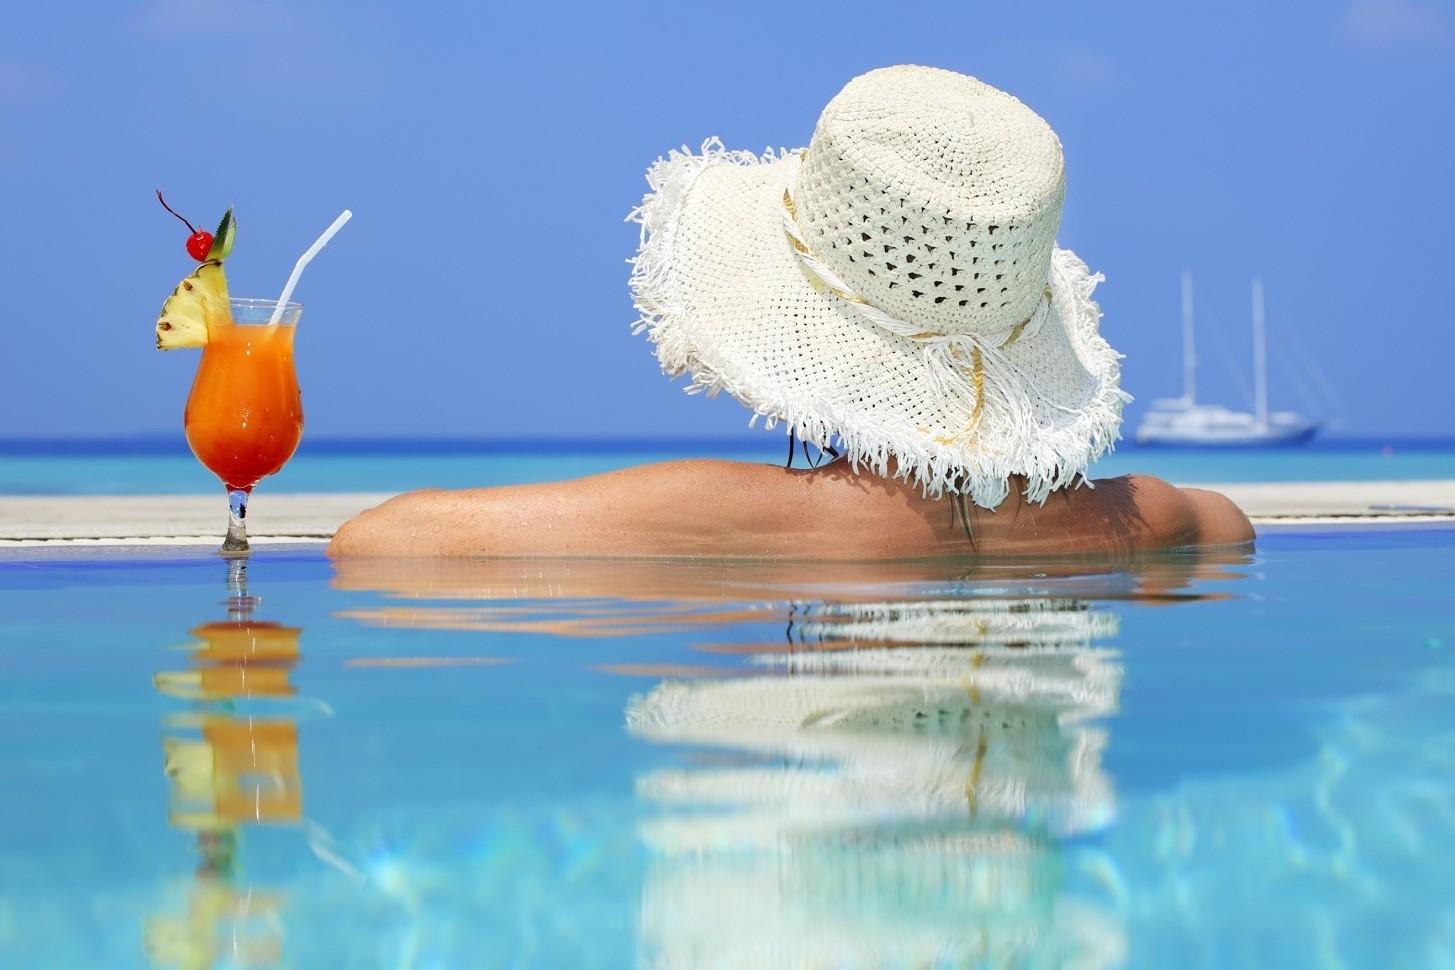 Risarcimento per vacanza rovinata, come fare per avere rimborso